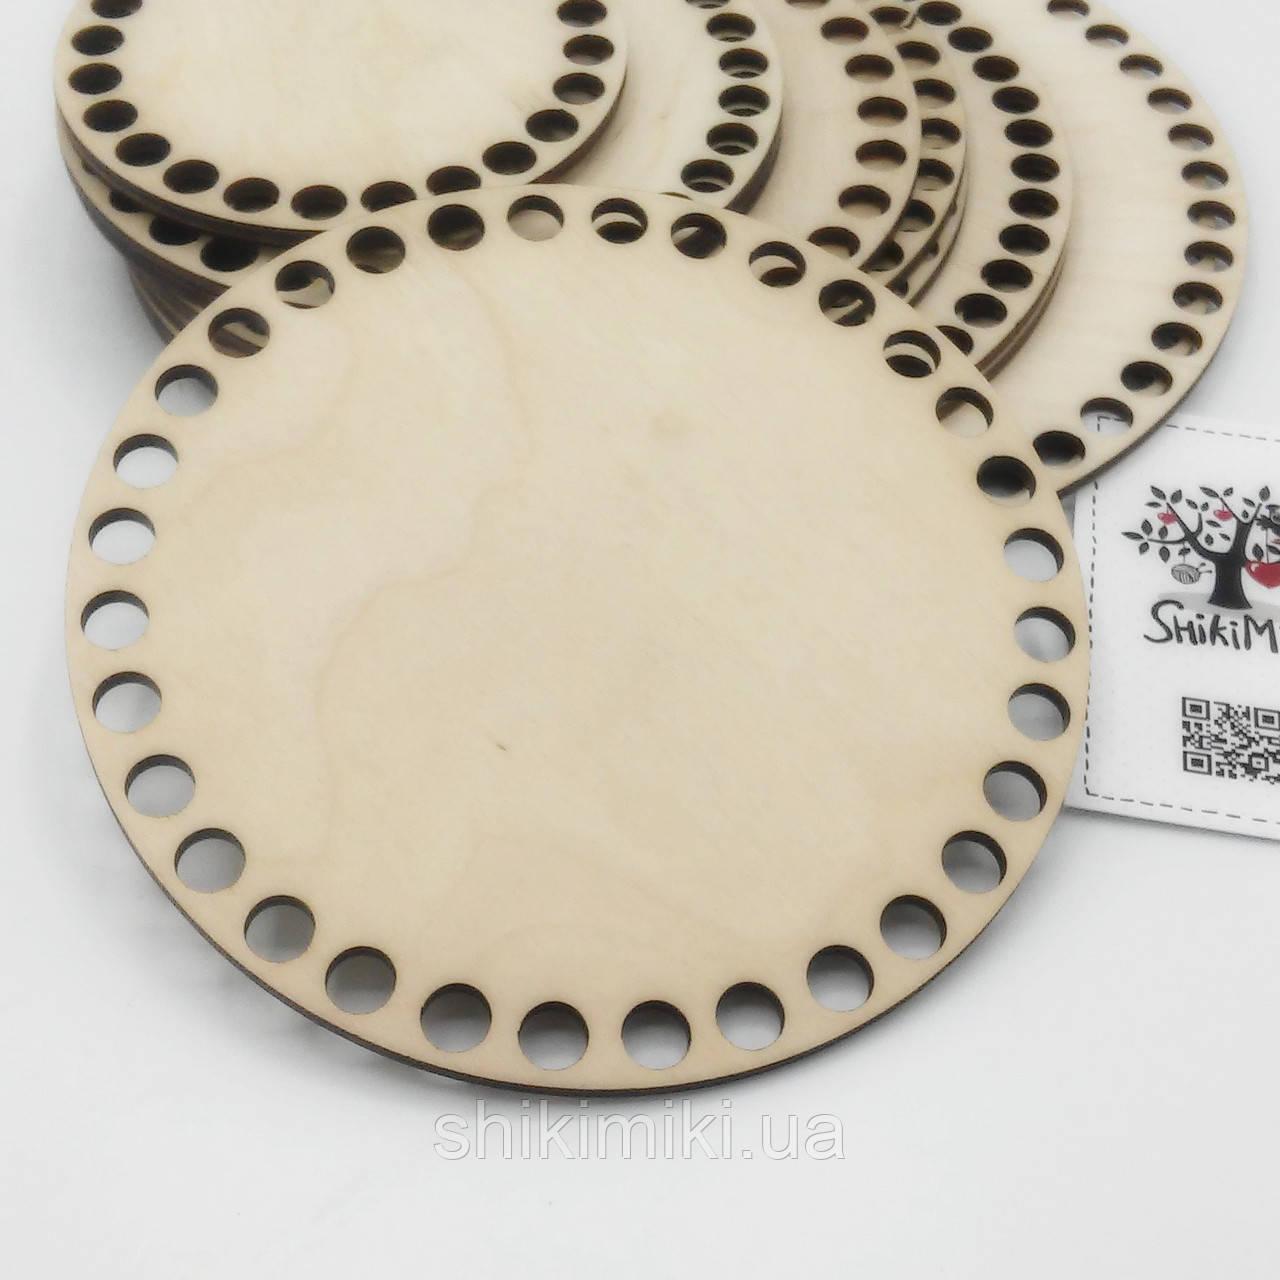 Заготовка из фанеры круглая (15 см)